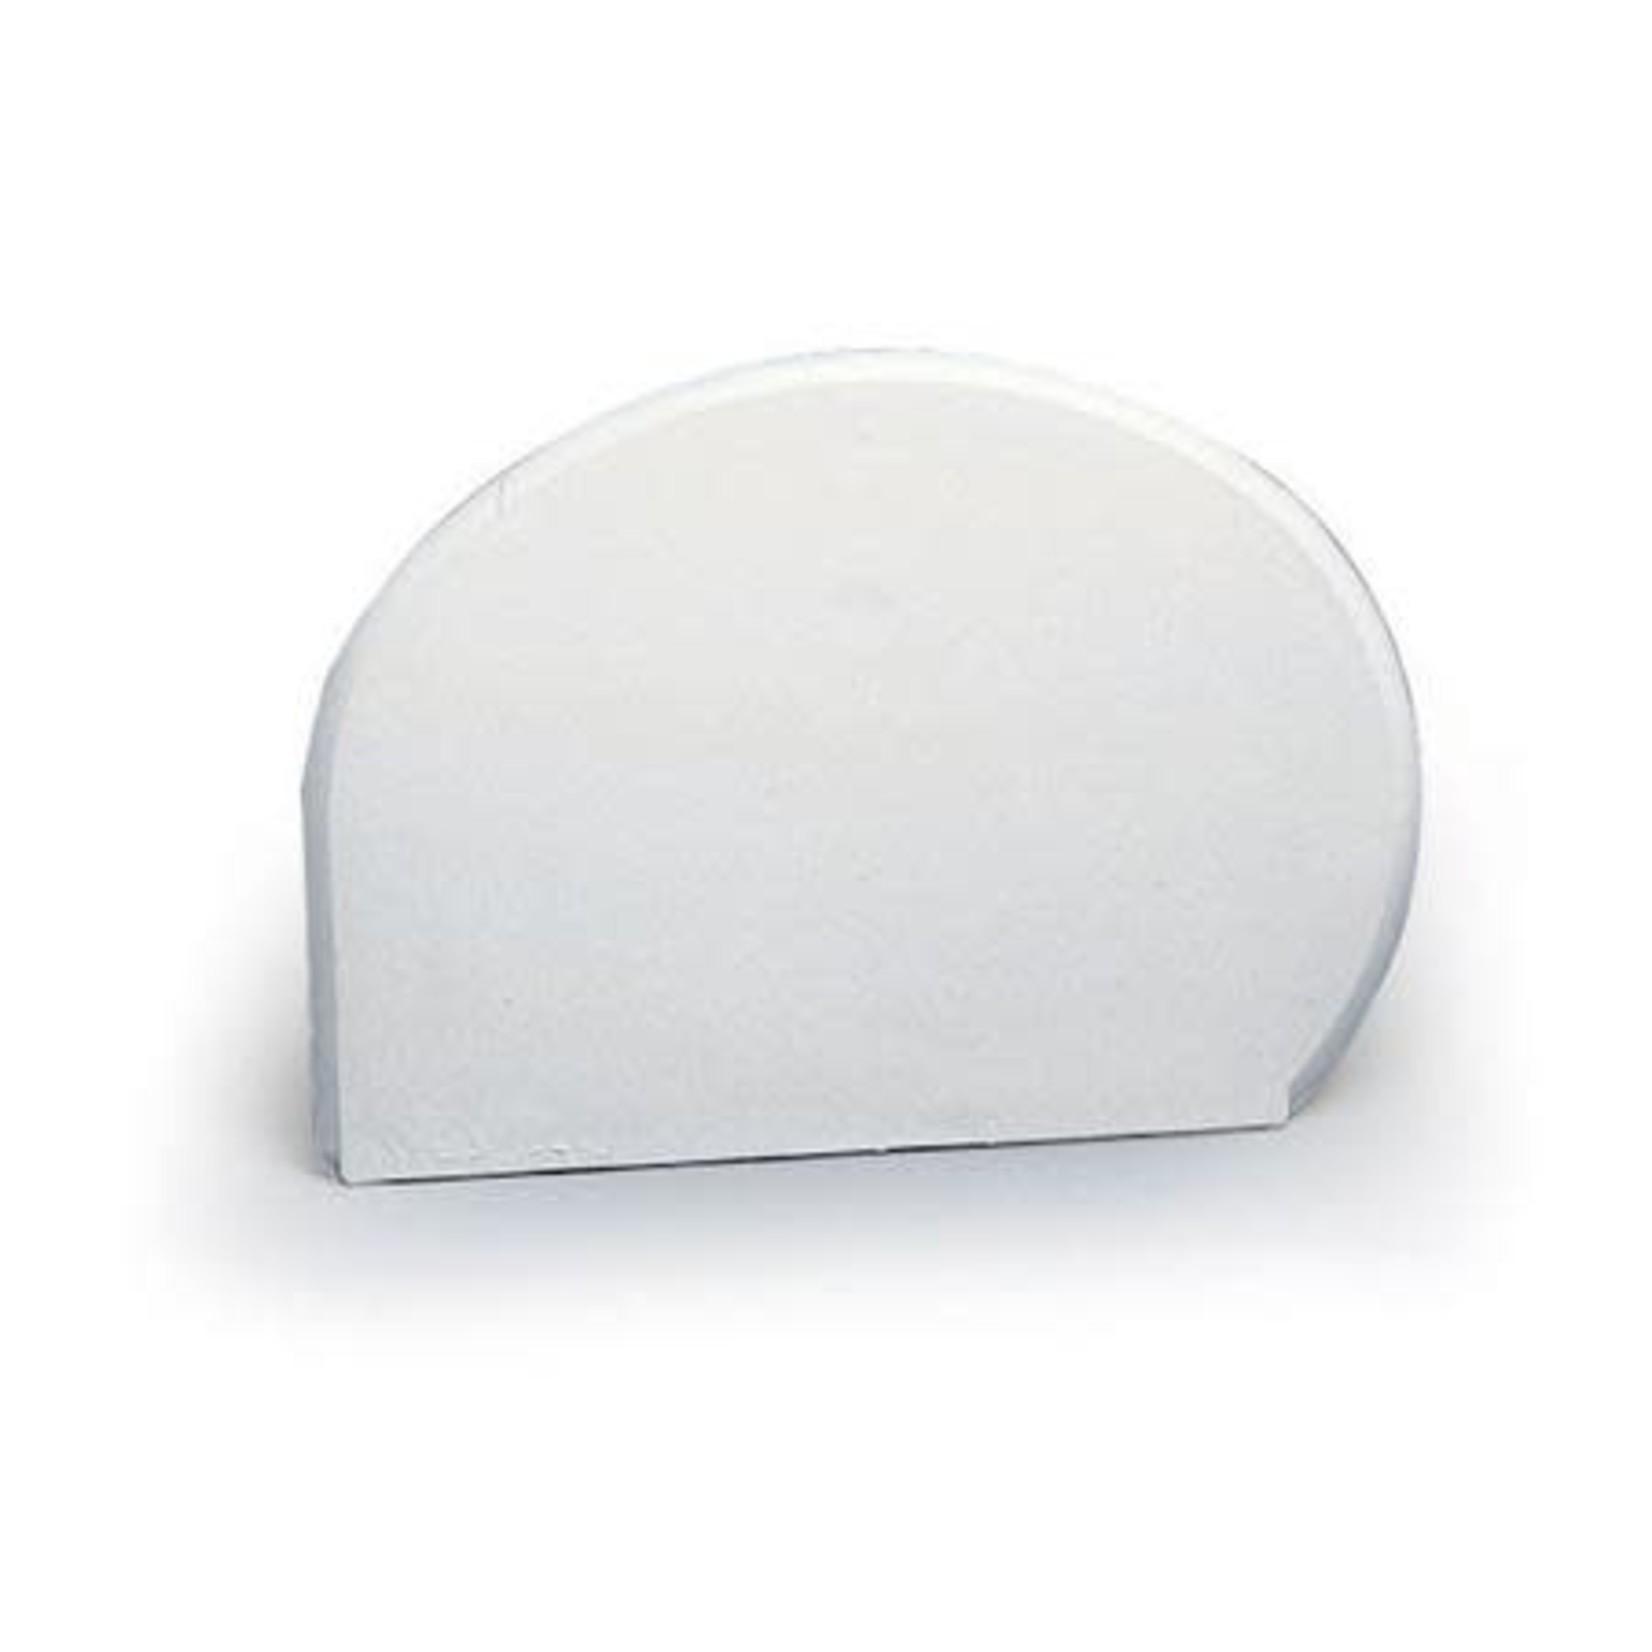 Martellato Deegschraper kwartrond wit hard 15x11cm